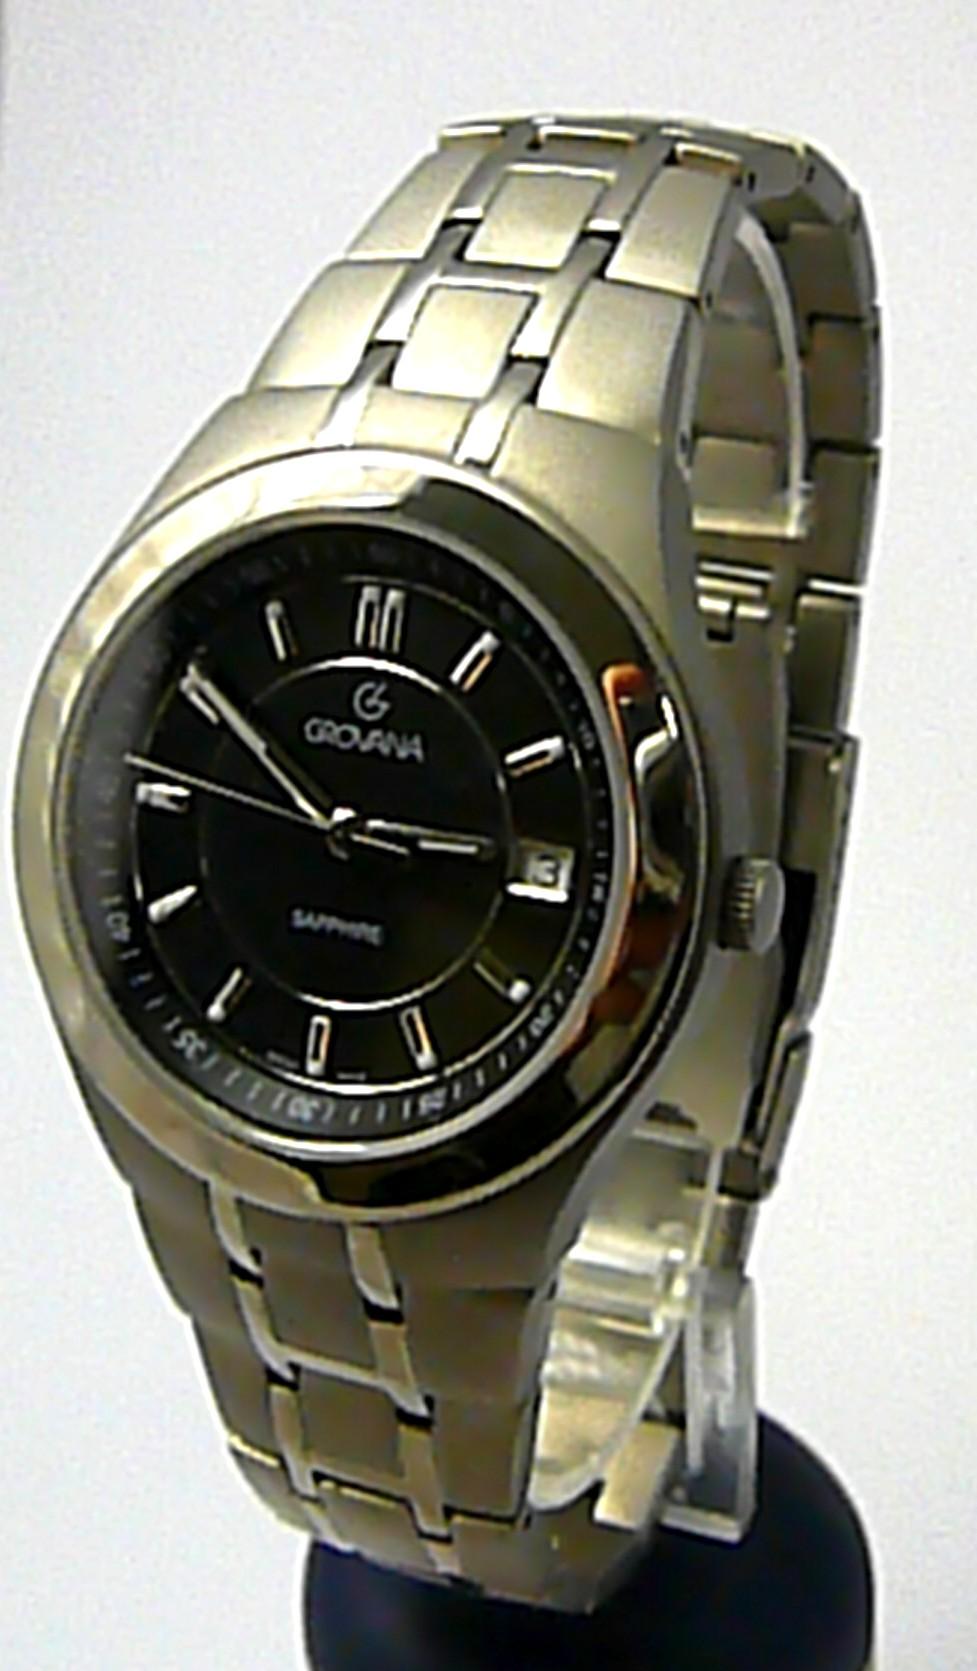 Pánské švýcarské celotitanové hodinky Grovana 1535.1197 - 5ATM safírové sklo (POŠTOVNÉ ZDARMA)